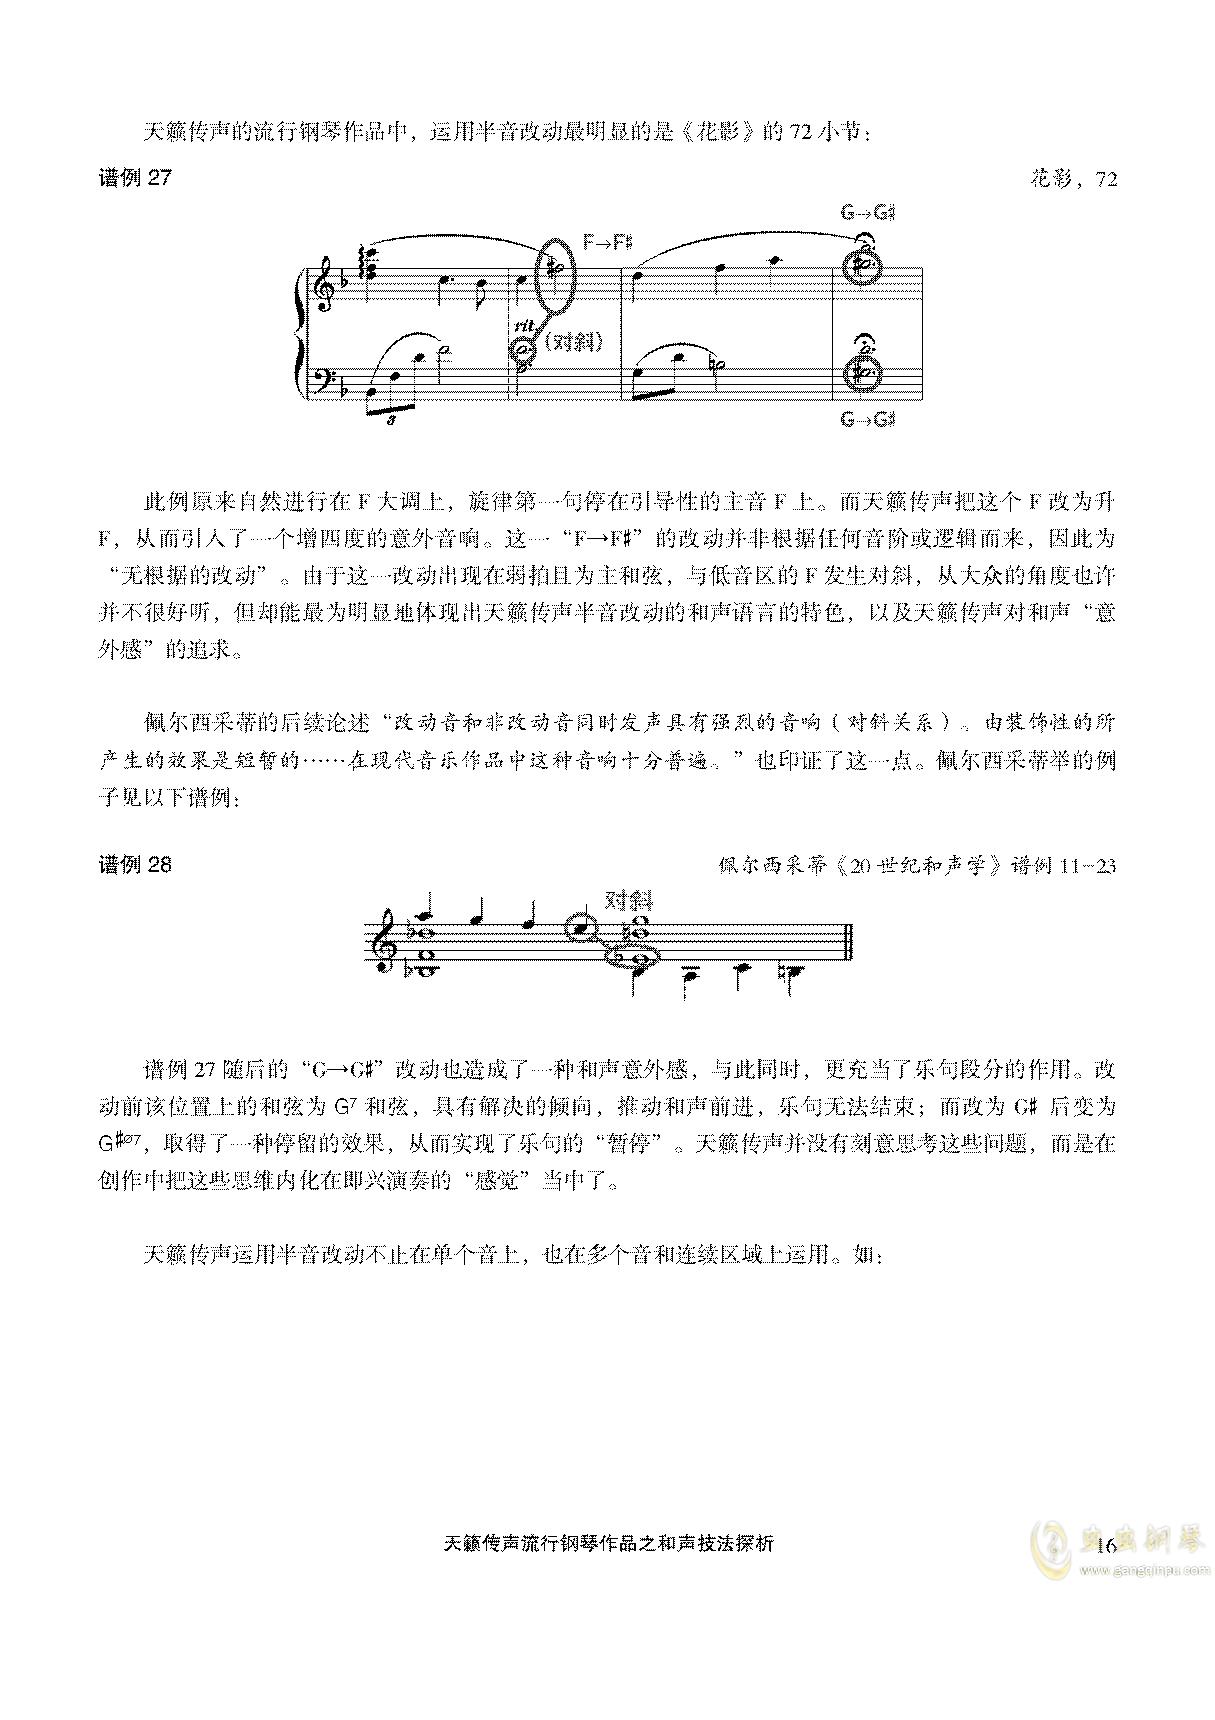 天籁传声和声技法探析澳门星际官网 第16页